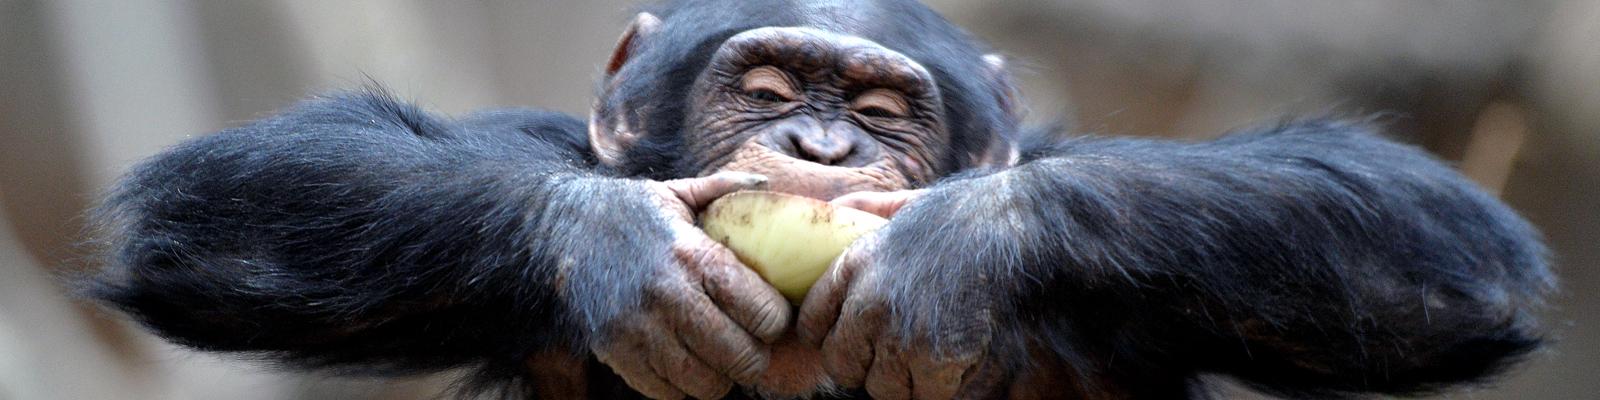 Ein Schimpanse beißt in eine Zwiebel.